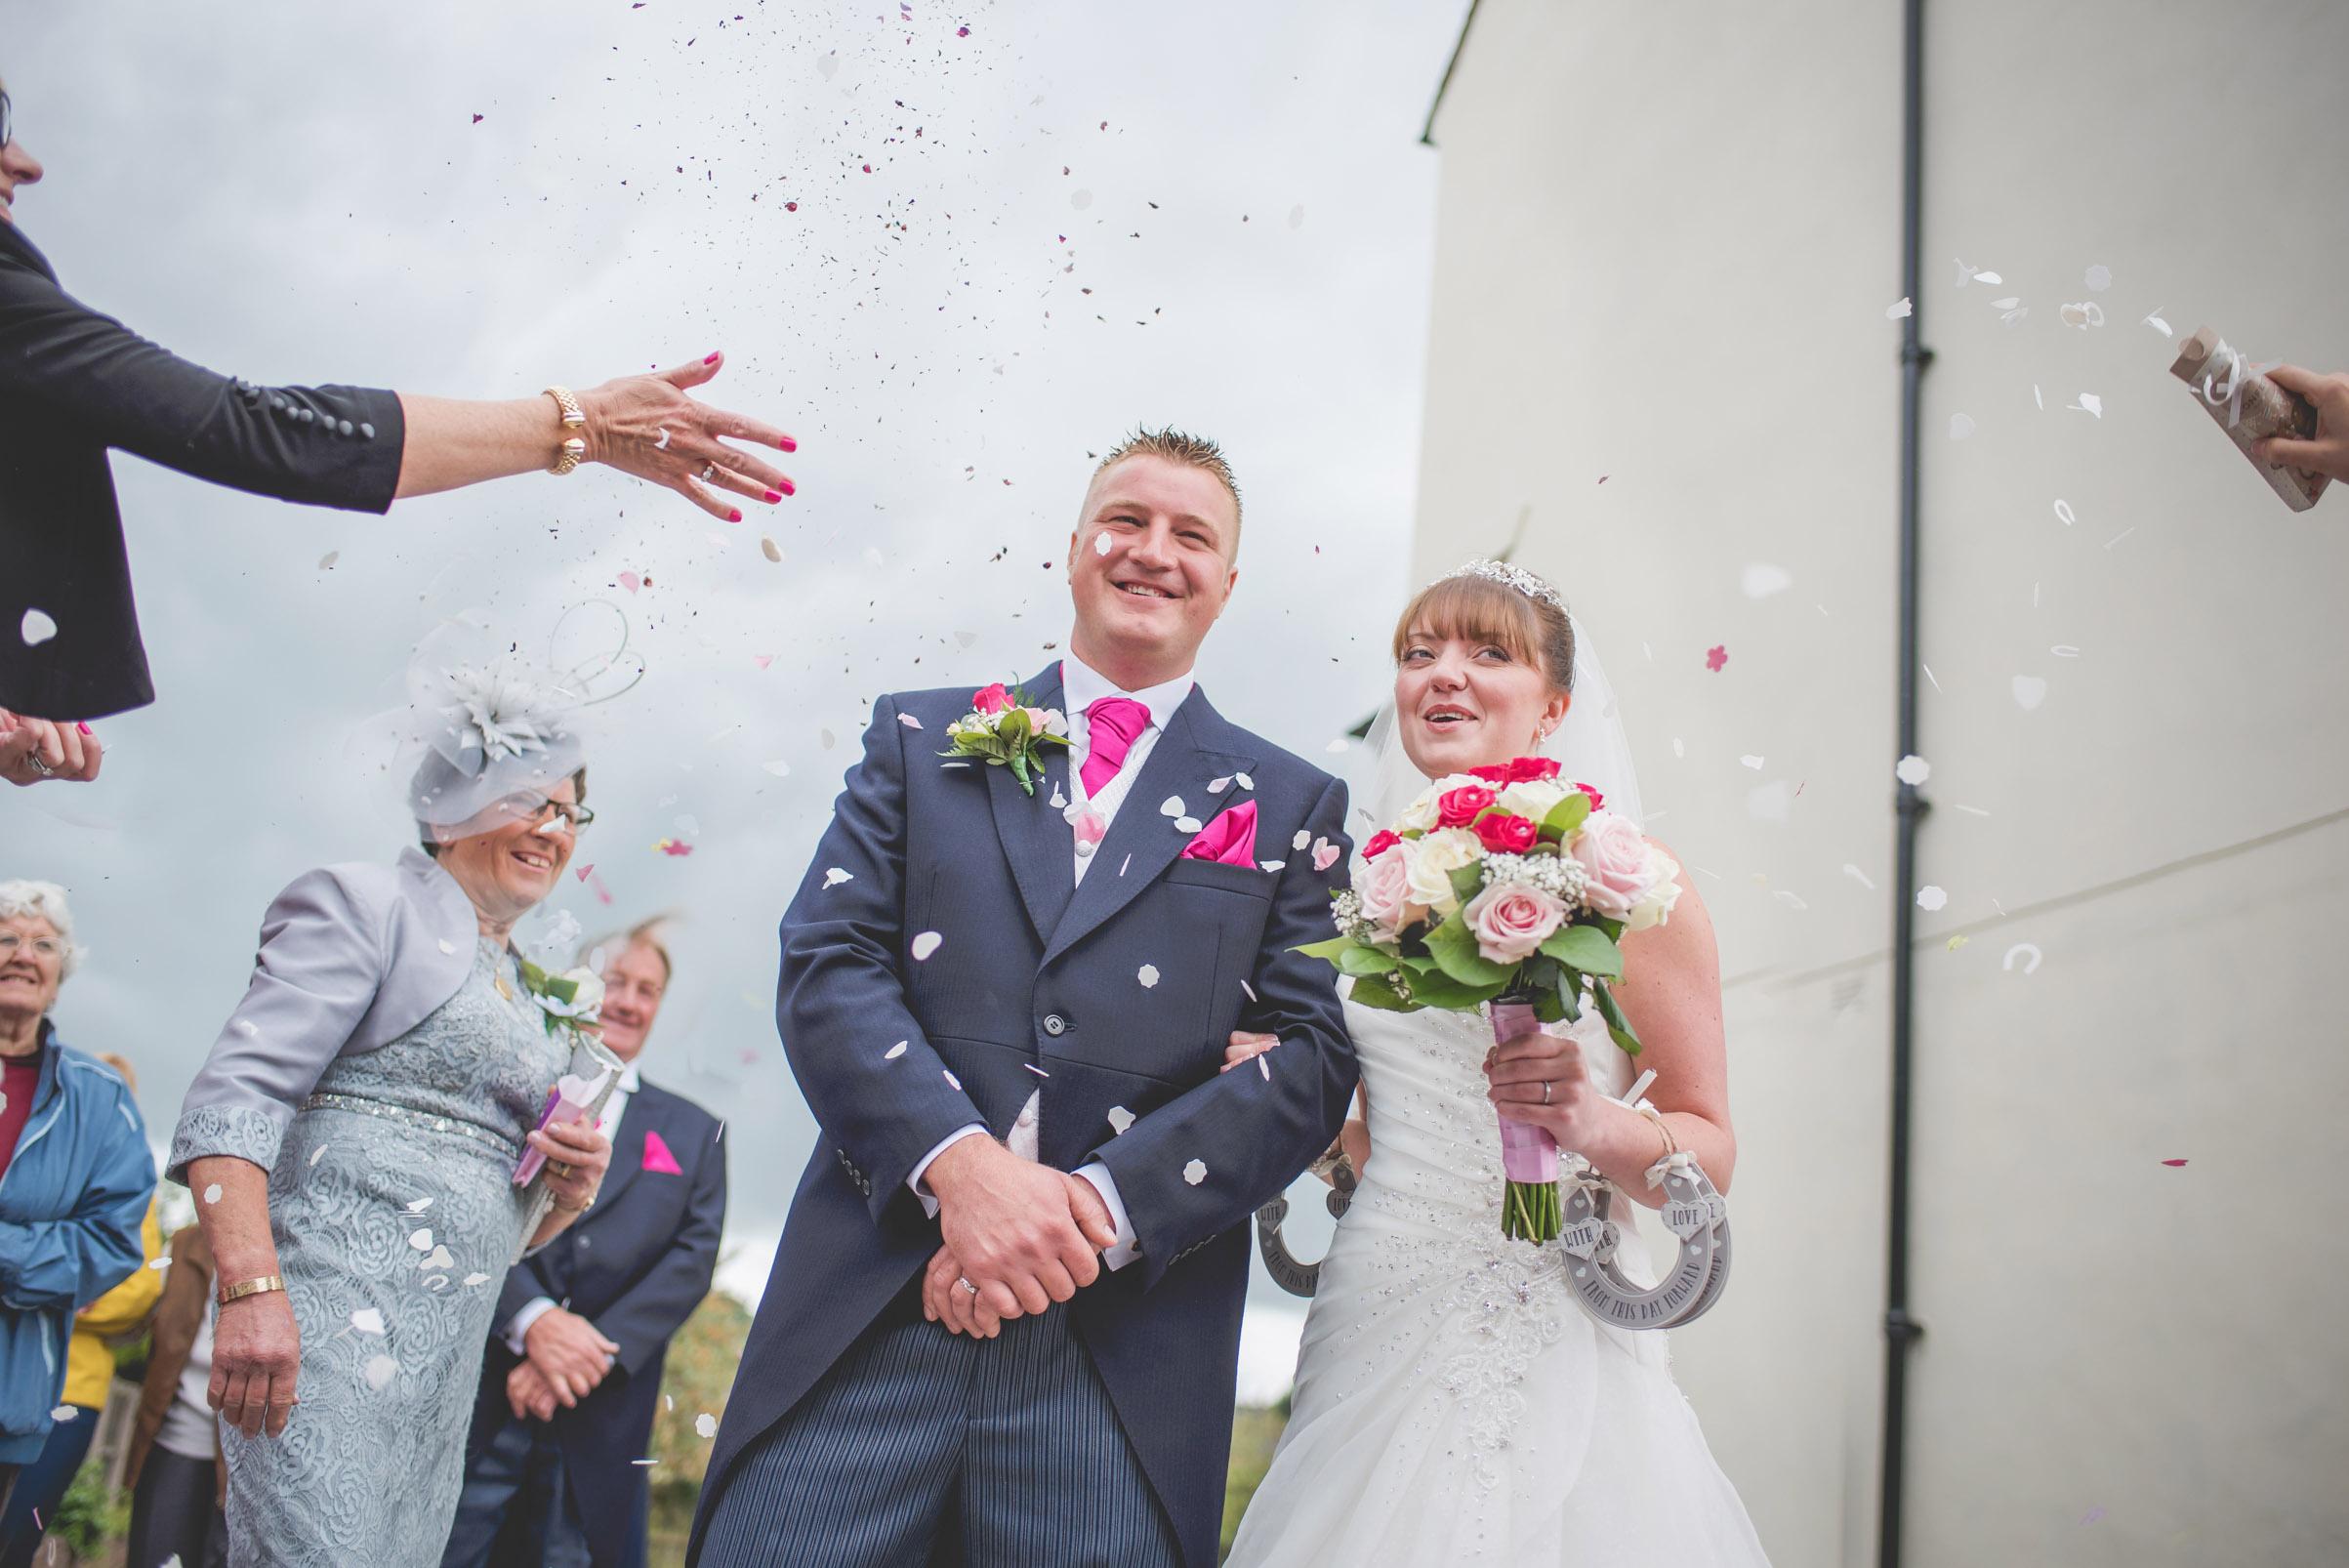 Farm-wedding-staffordshire-st-marys-catholic-church-uttoxter-43.jpg